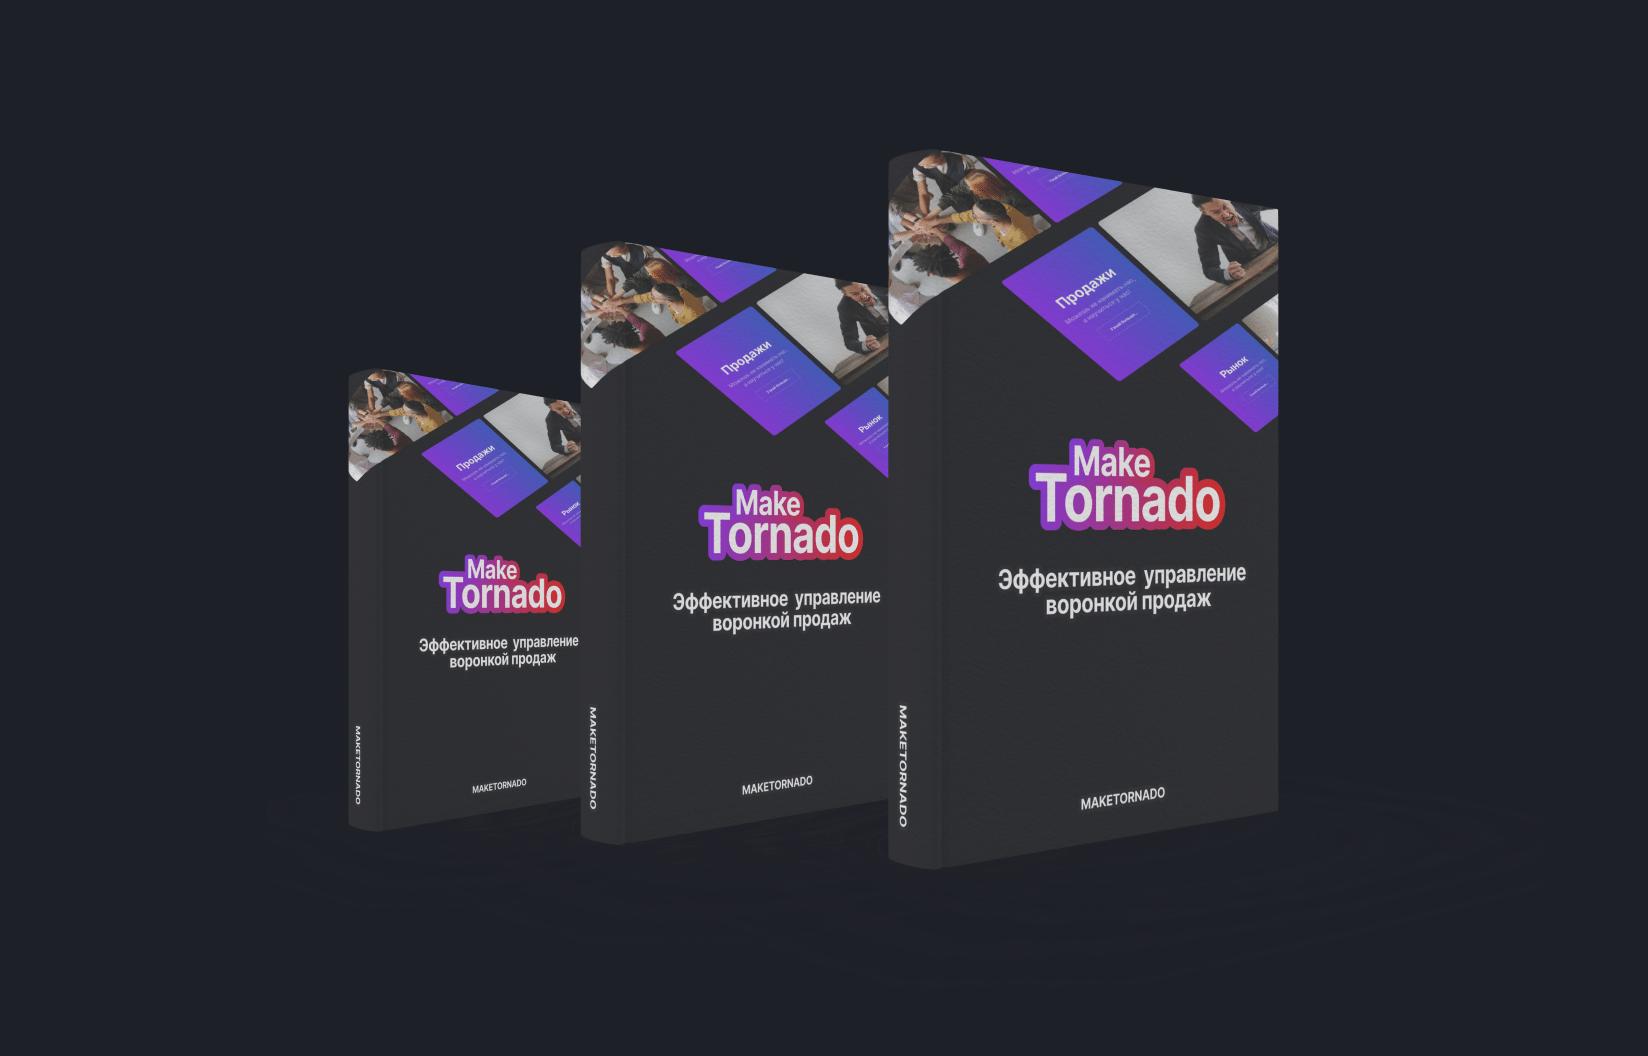 Книга: Эффективное управление воронкой продаж от основателей MakeTornado